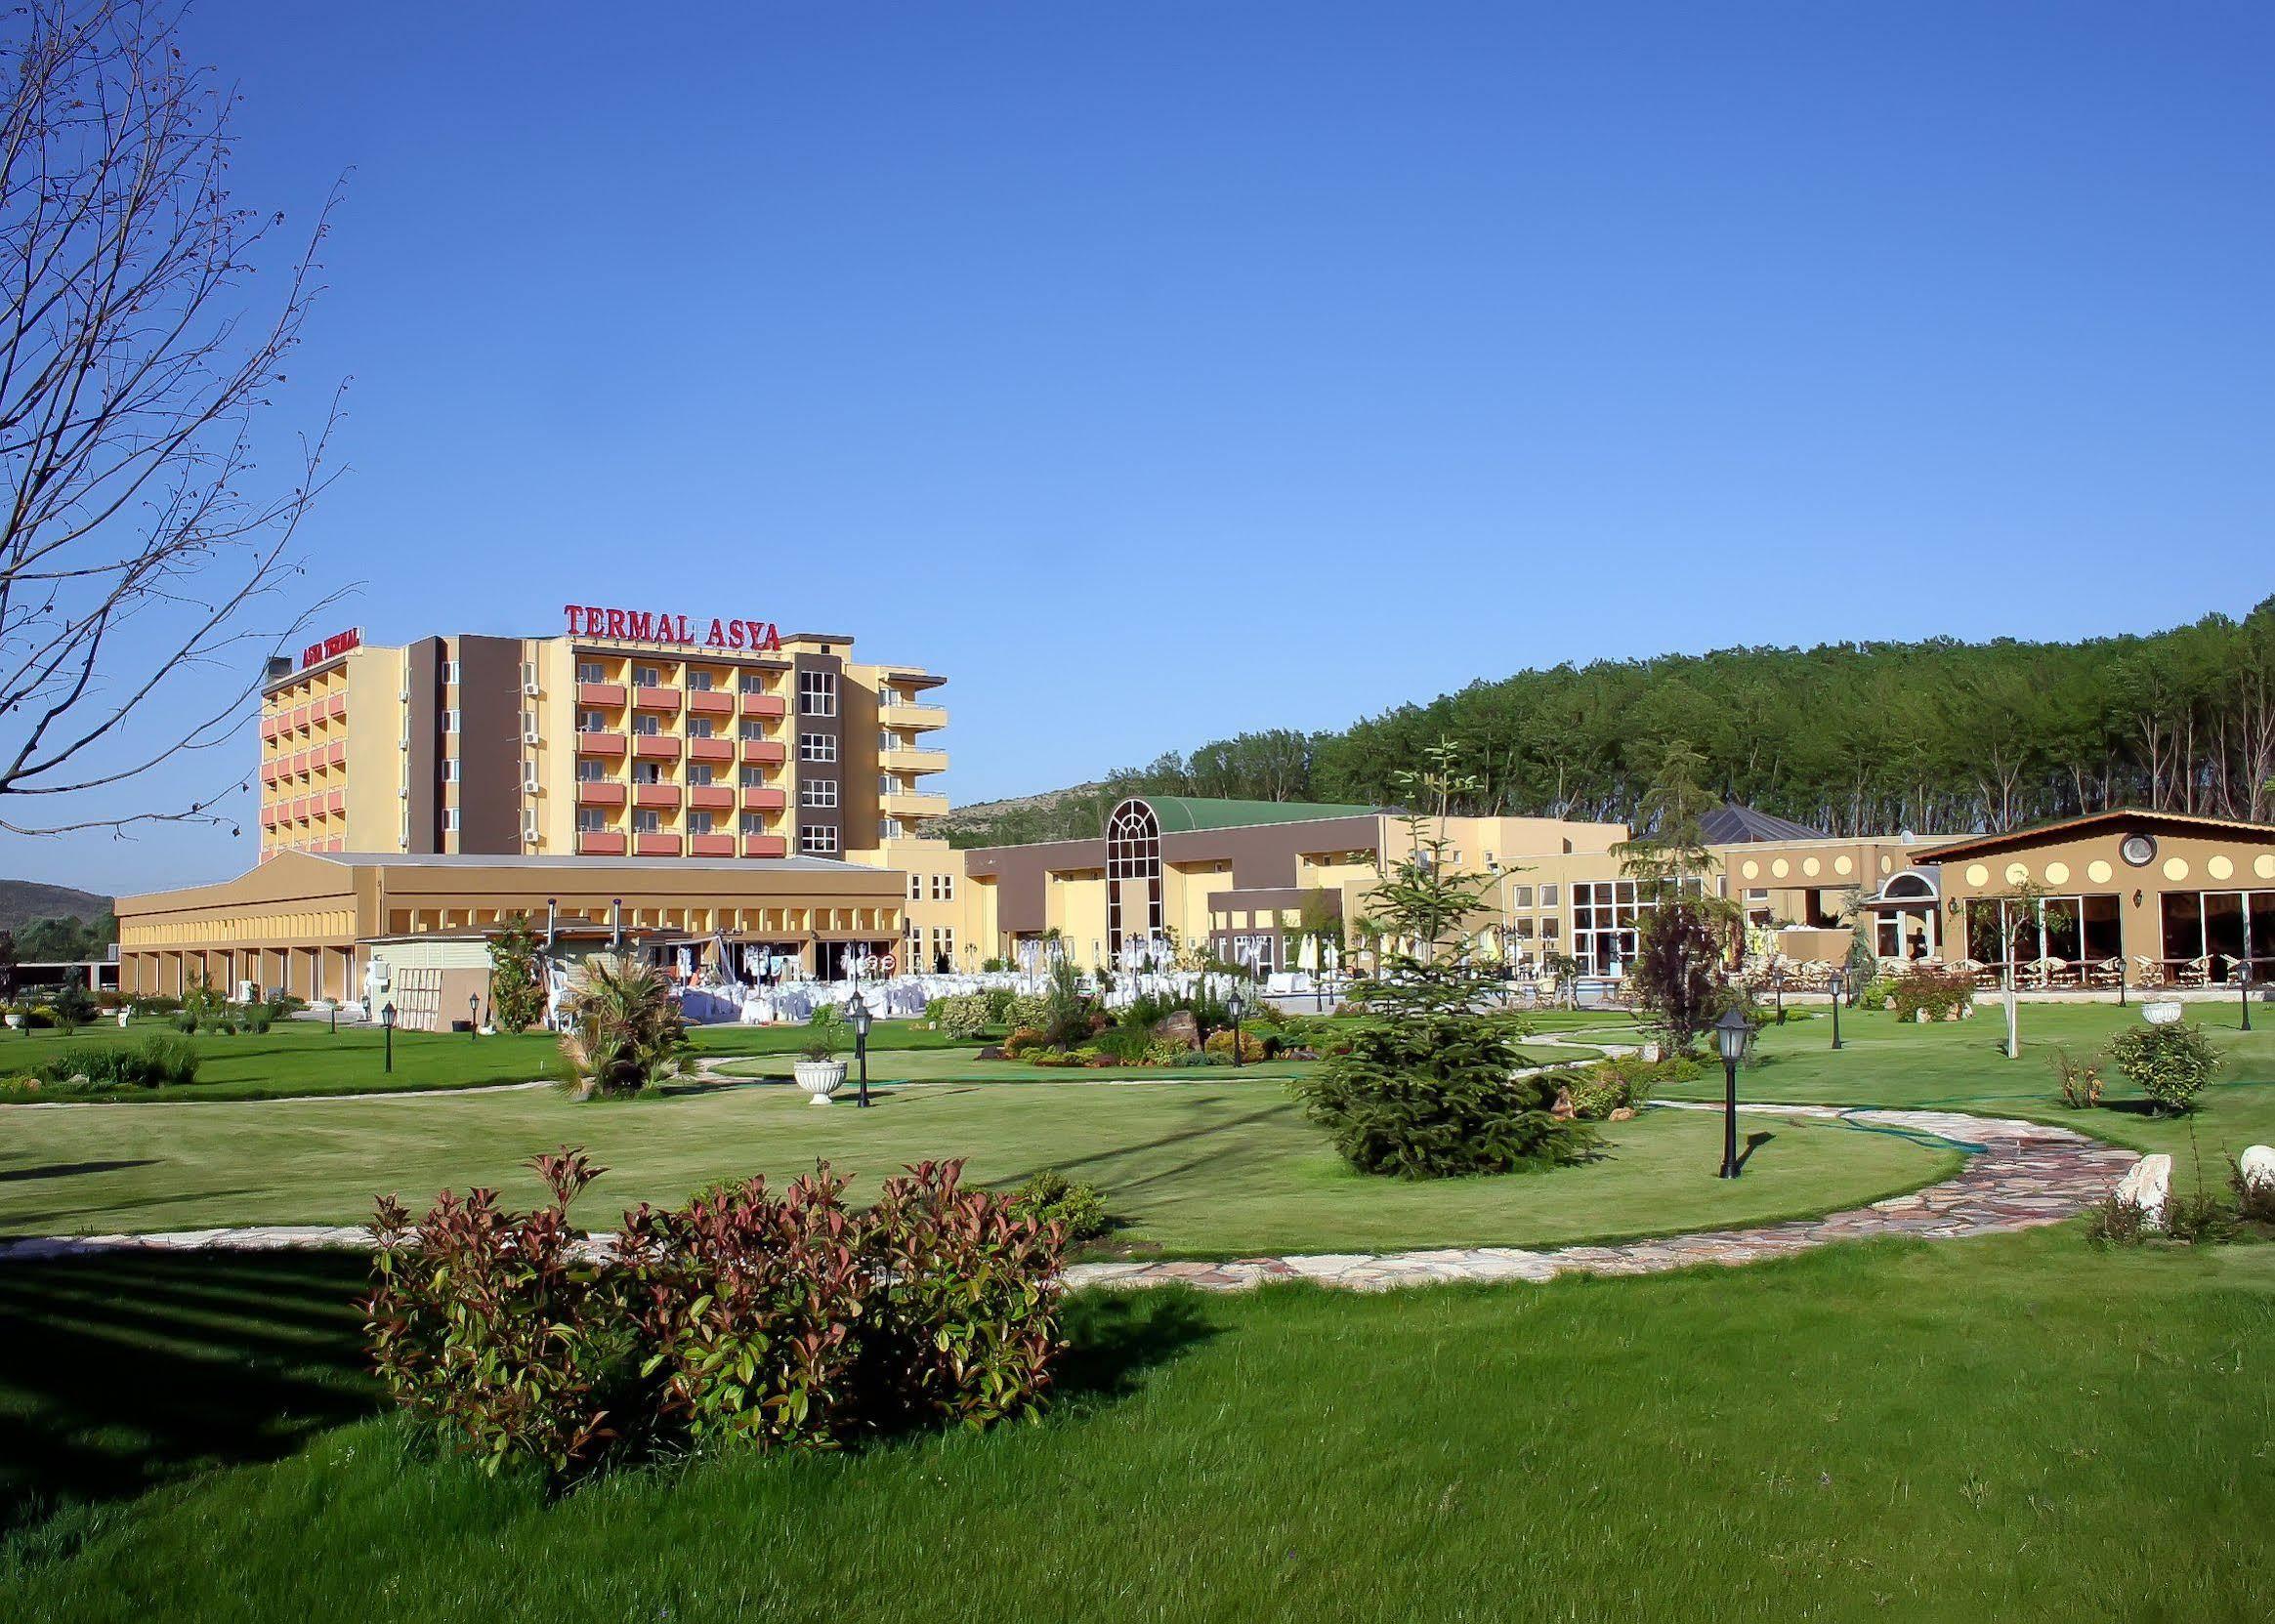 Asya Termal Kızılcahamam Hotel